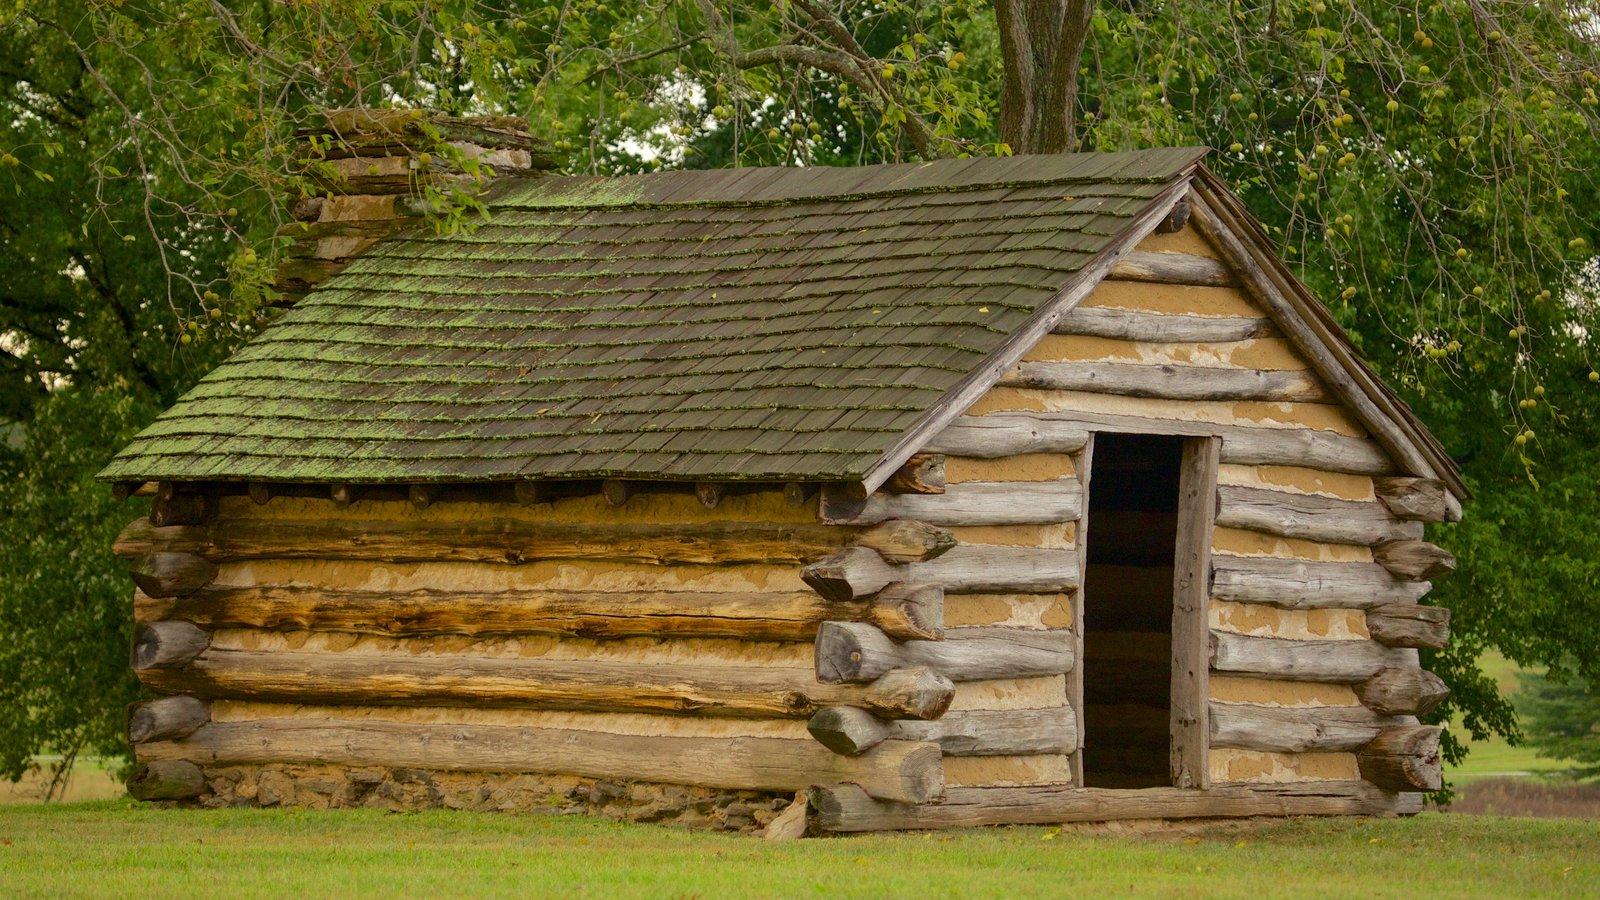 Parque Histórico Nacional de Valley Forge caracterizando arquitetura de patrimônio